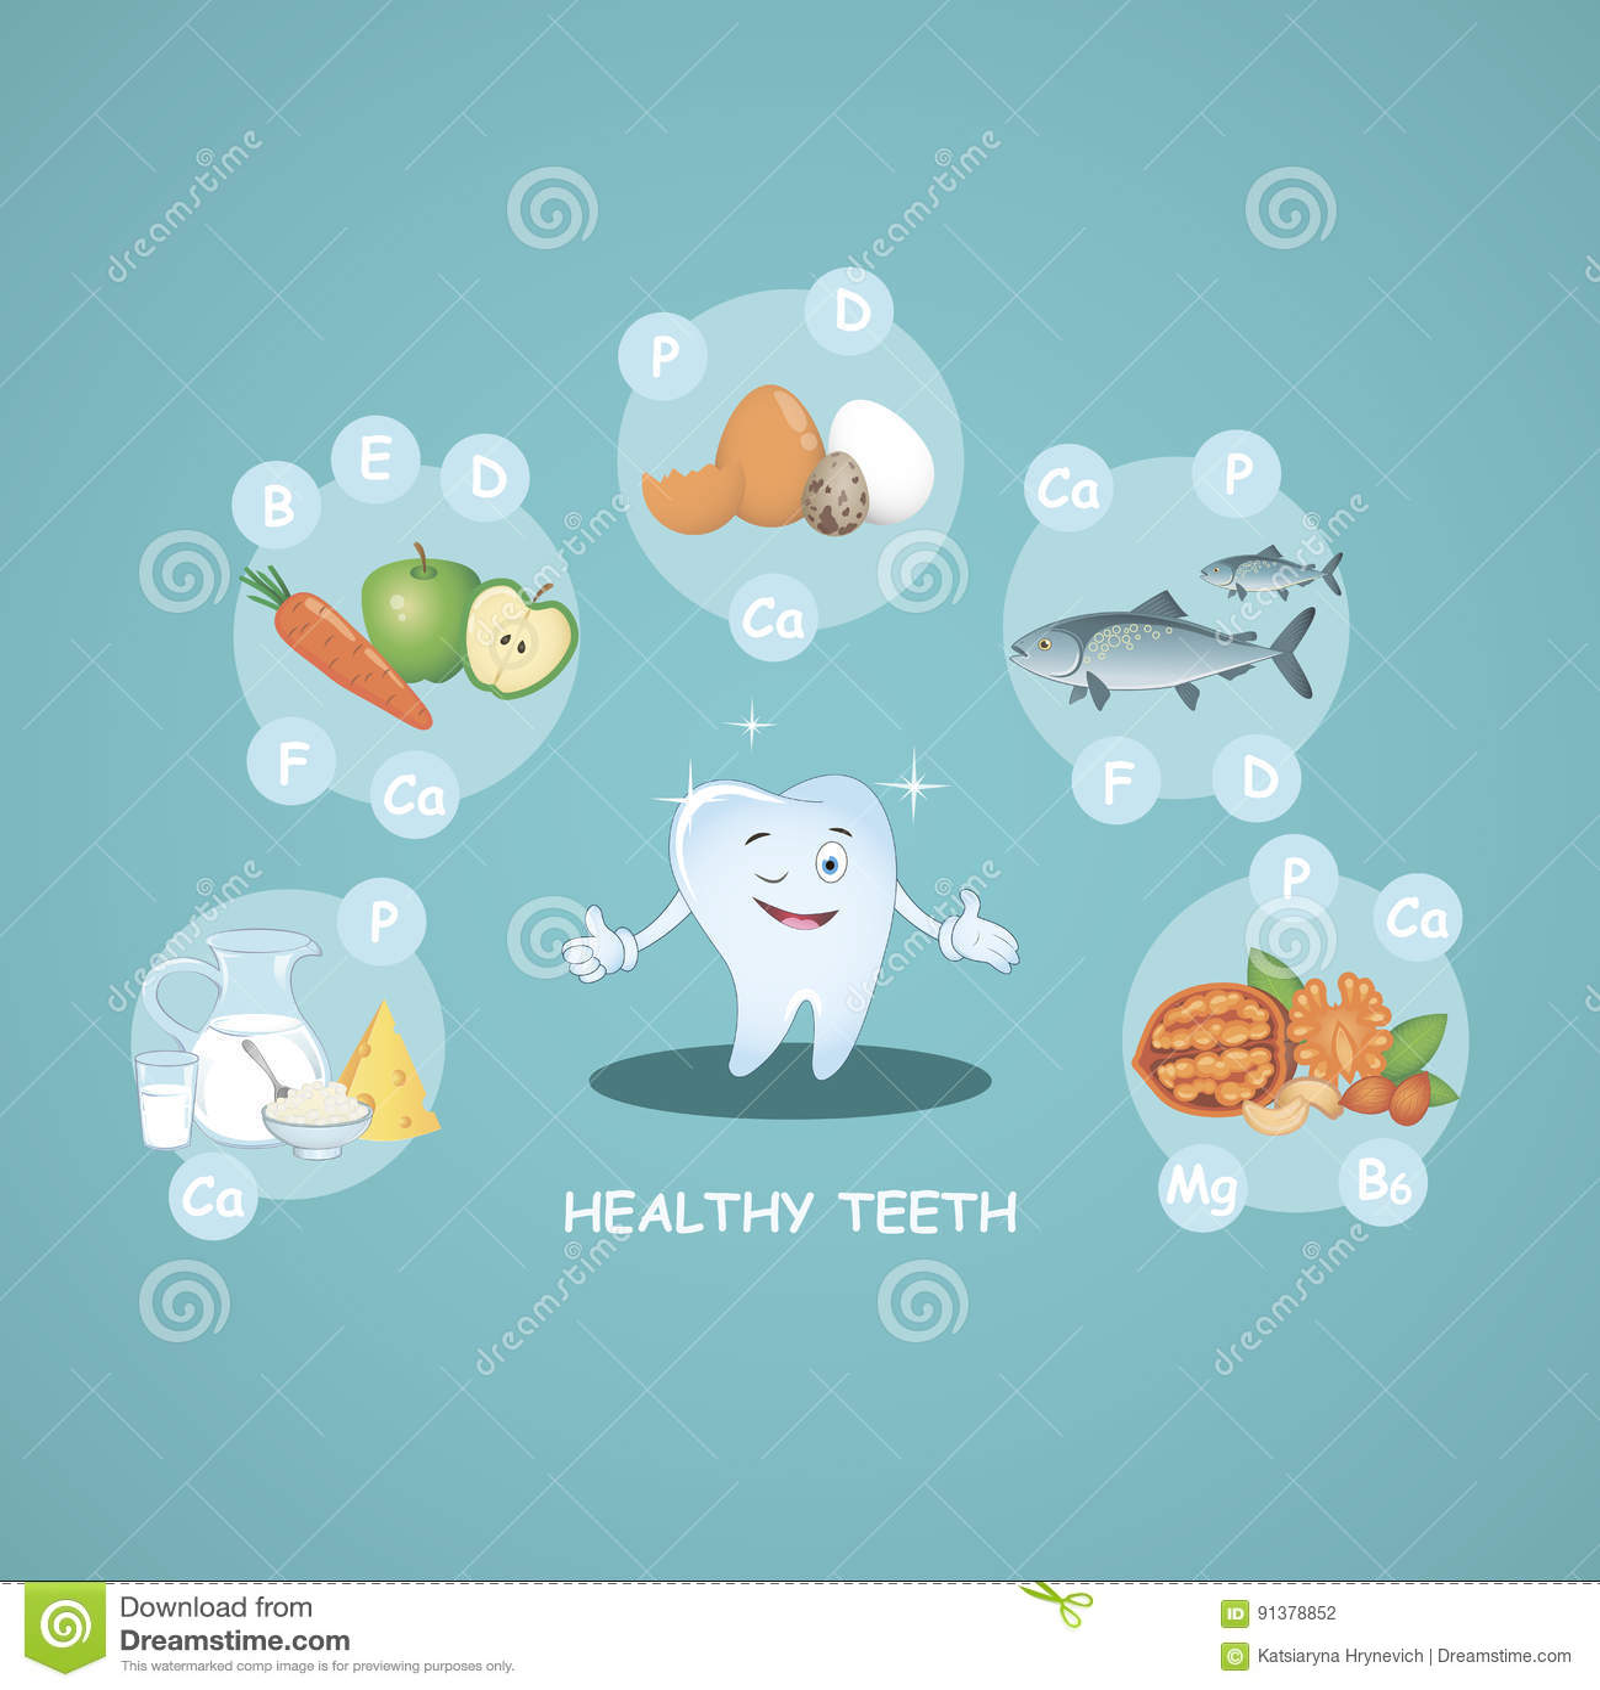 Gelukkige gezonde tanden Juiste voeding Gezond Voedsel Mooie glimlach Vector Illustratie voor kinderentandheelkunde